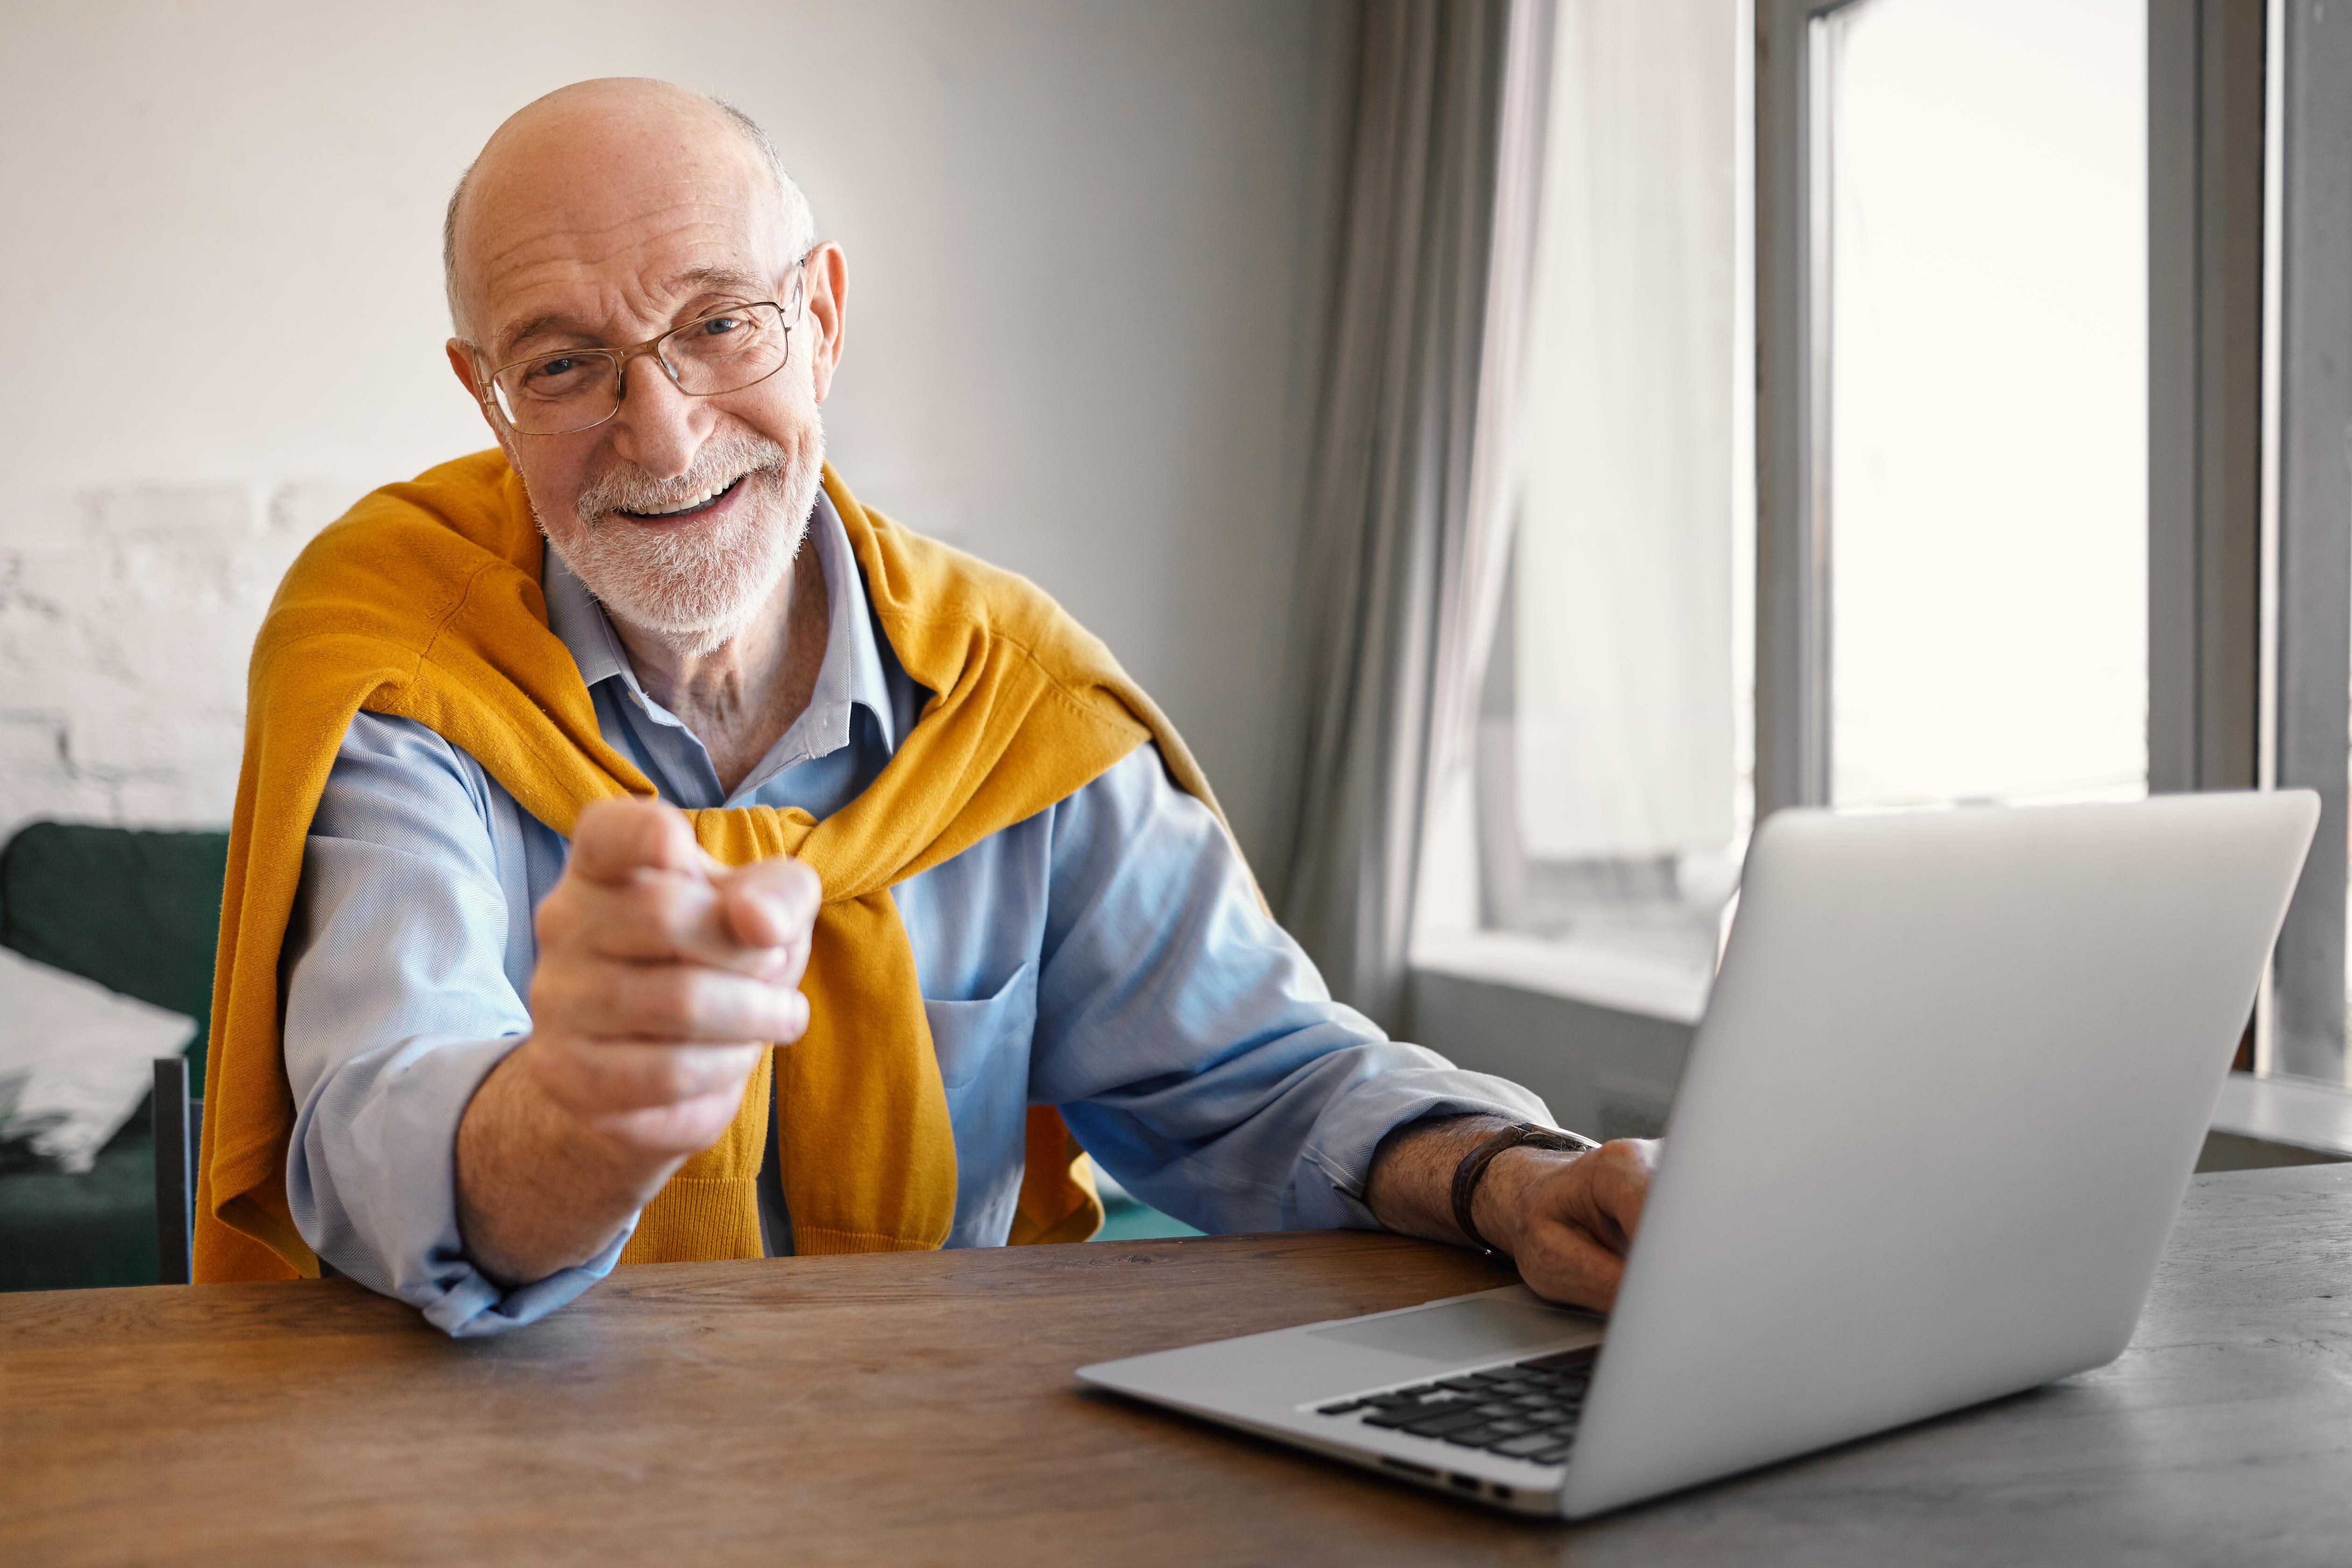 Existe idade máxima para financiar um imóvel? Descubra aqui